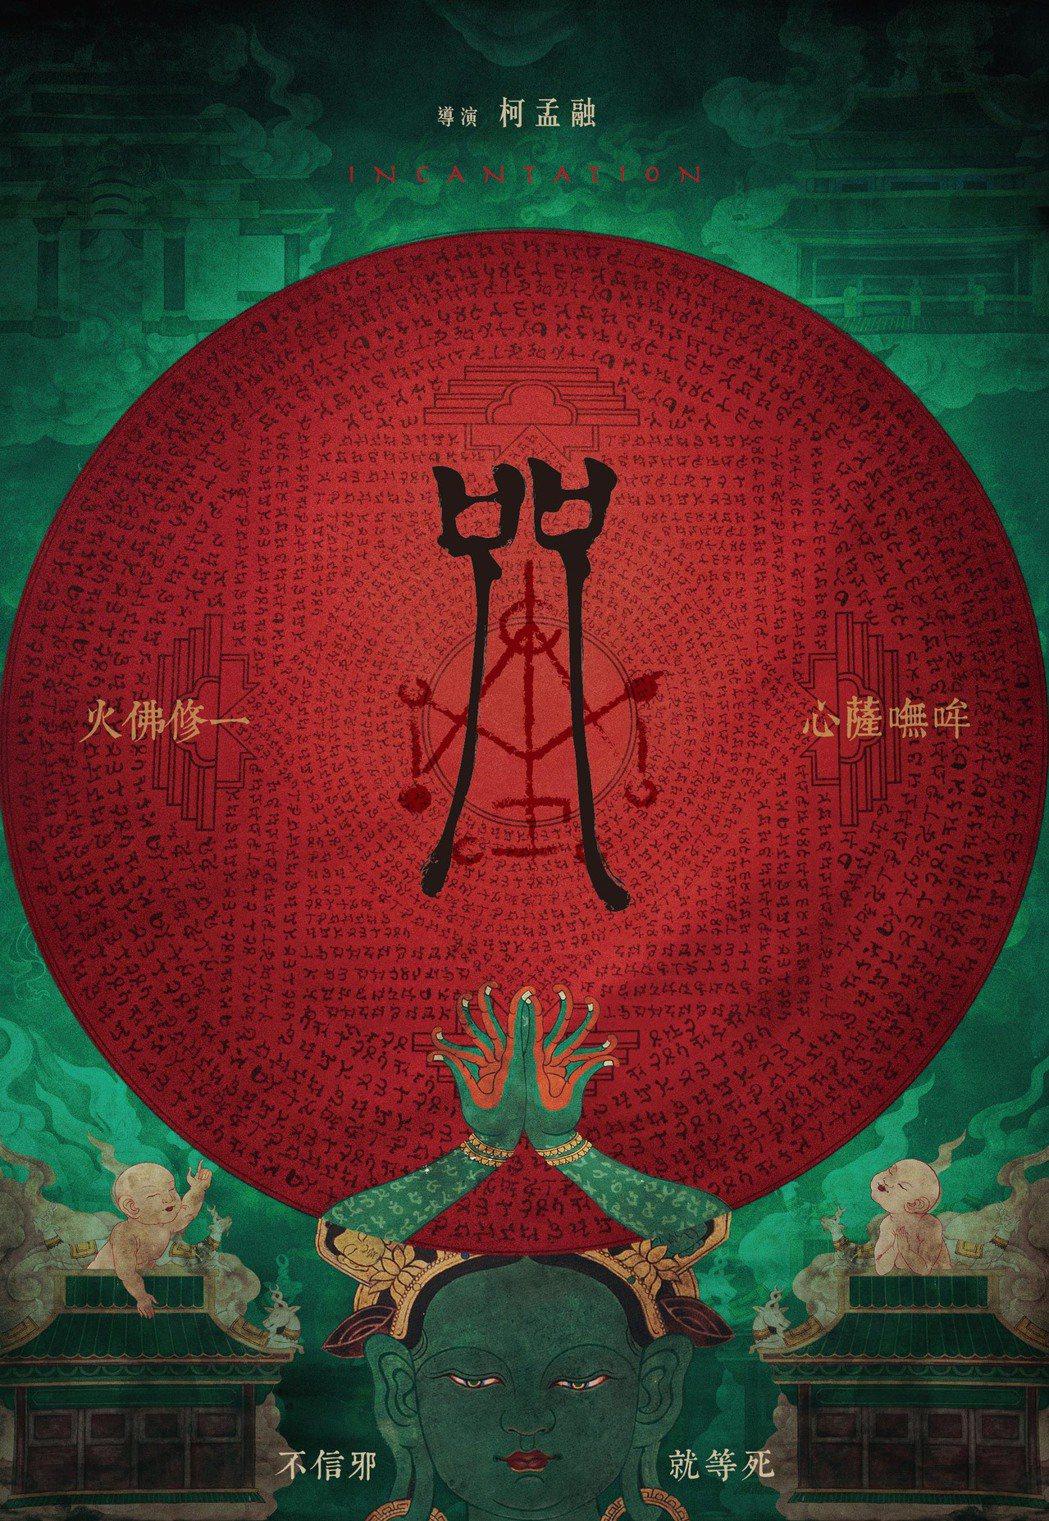 台灣恐怖鬼片「咒」發布駭人的前導預告。圖/牽猴子提供